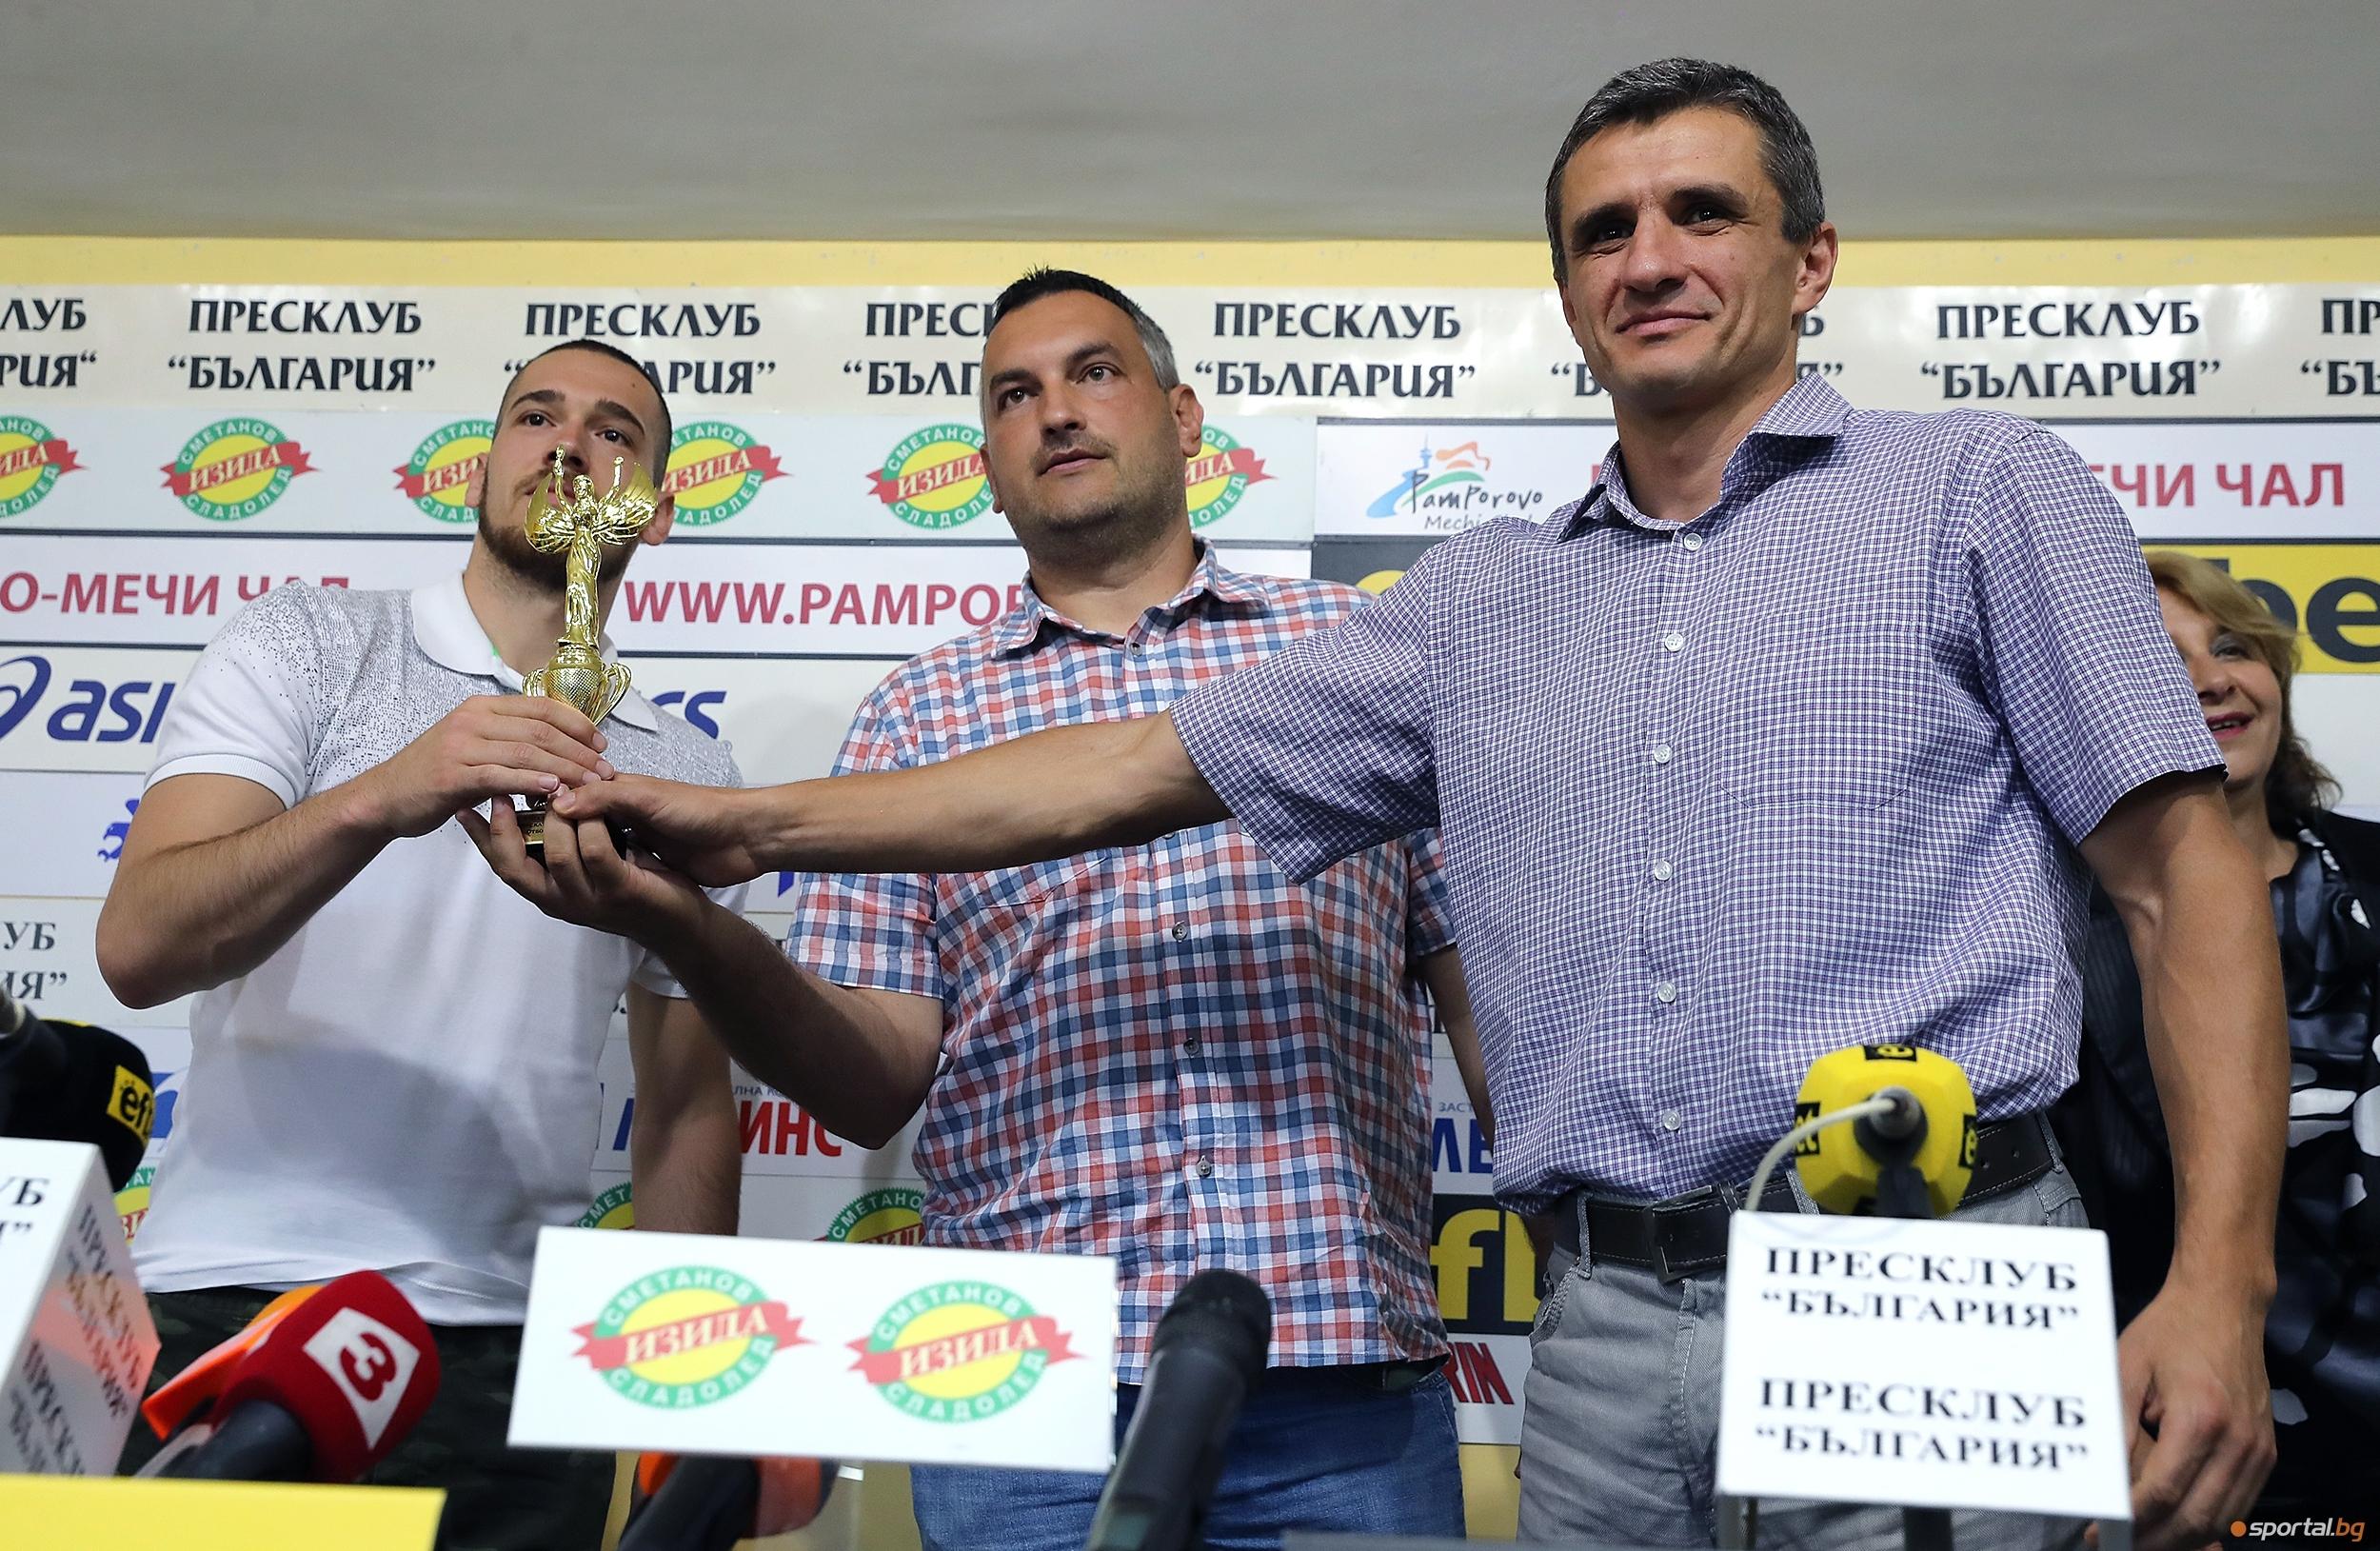 Шампионът на България по баскетбол при мъжете Балкан (Ботевград) изпрати